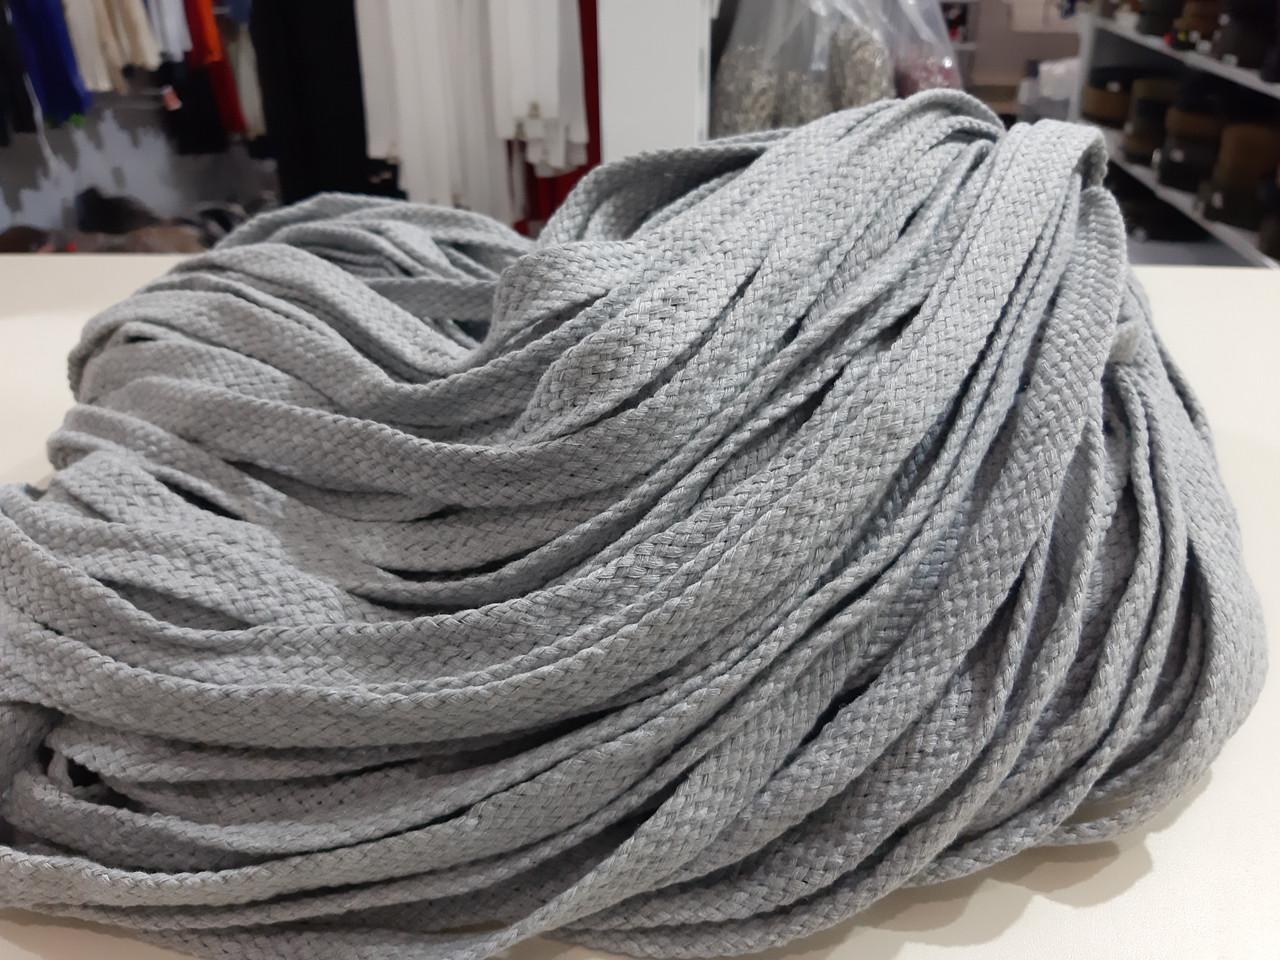 Шнур для одежды без наполнителя х/б 16мм цв серый светлый (уп 100м) Ф